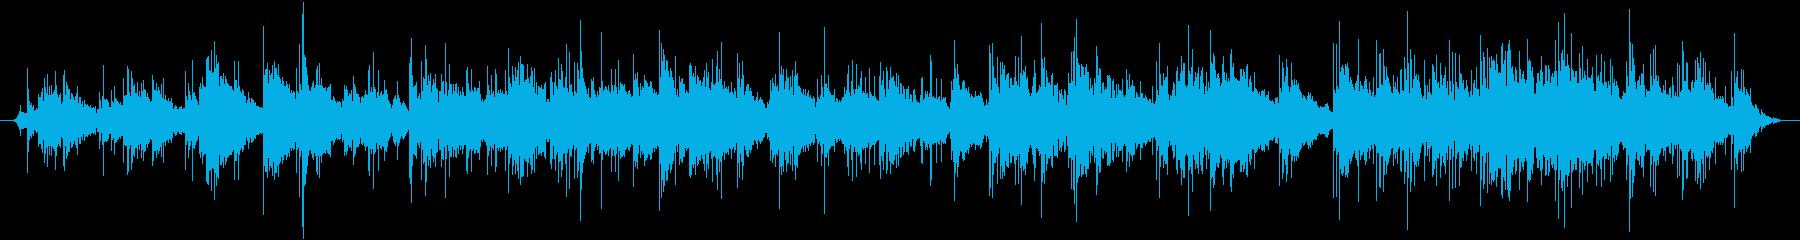 赤ちゃん ベビー ガラガラ 夢見心地 1の再生済みの波形